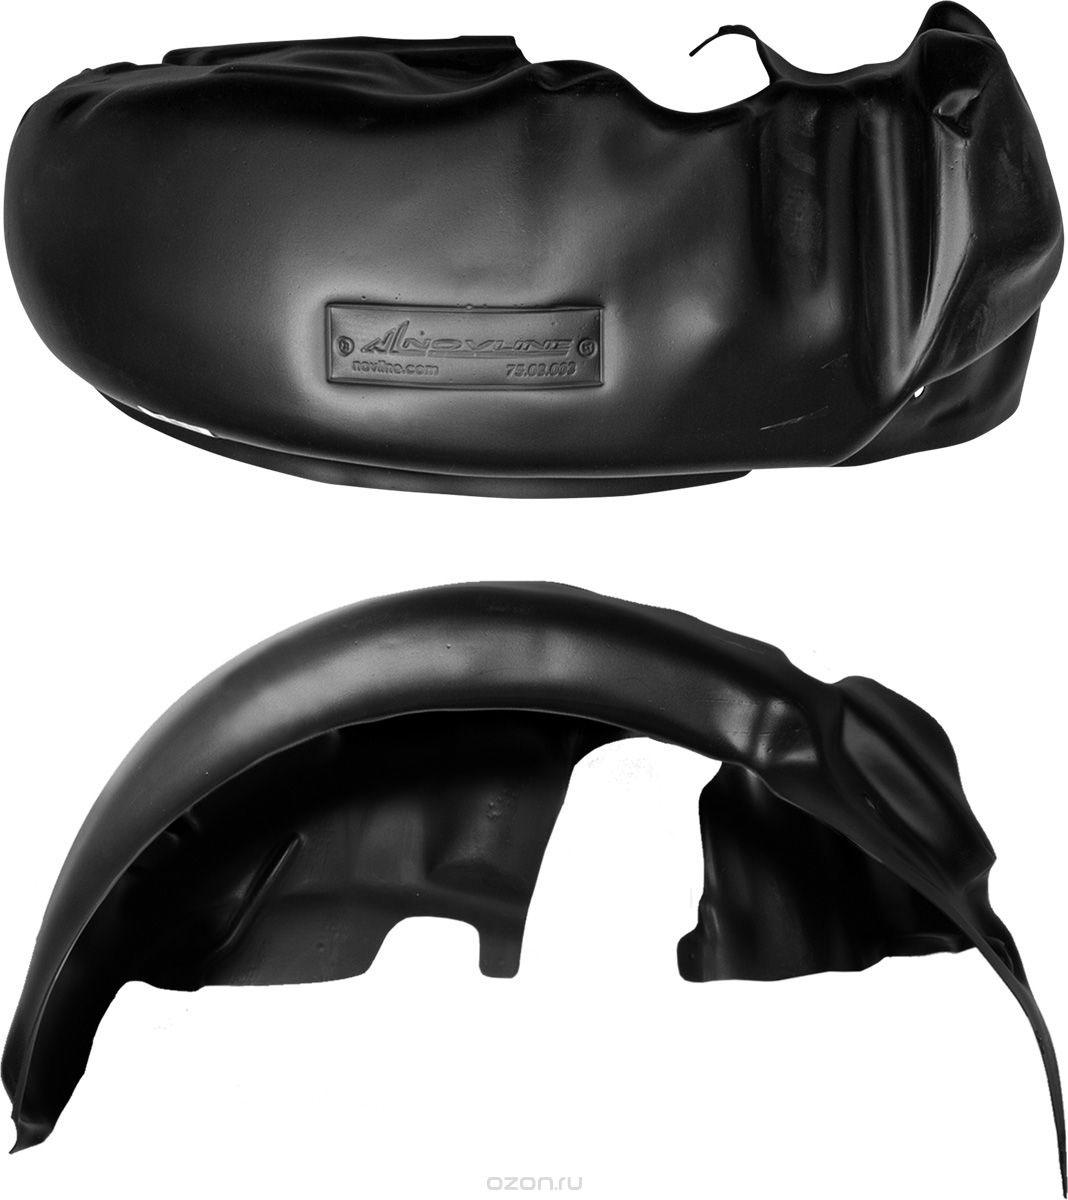 Подкрылок Novline-Autofamily, для HYUNDAI i40, 06/2012->, сед., задний правыйNLL.20.46.004Идеальная защита колесной ниши. Локеры разработаны с применением цифровых технологий, гарантируют максимальную повторяемость поверхности арки. Изделия устанавливаются без нарушения лакокрасочного покрытия автомобиля, каждый подкрылок комплектуется крепежом. Уважаемые клиенты, обращаем ваше внимание, что фотографии на подкрылки универсальные и не отражают реальную форму изделия. При этом само изделие идет точно под размер указанного автомобиля.